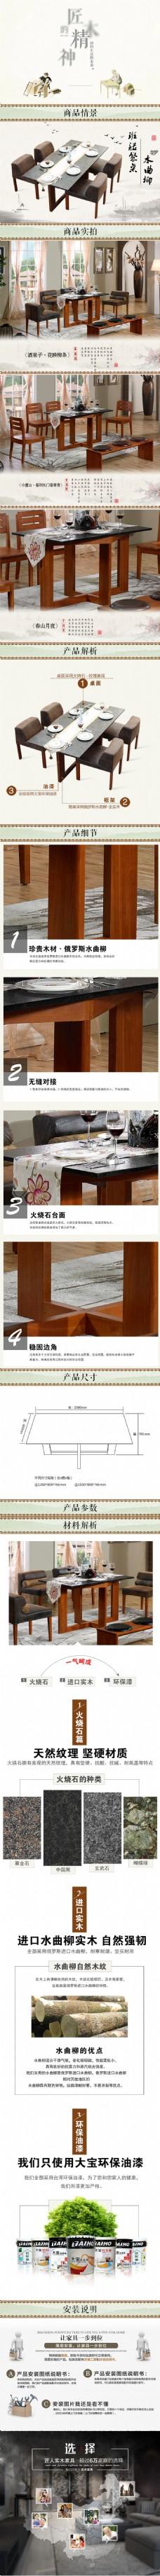 新中式家具详情页